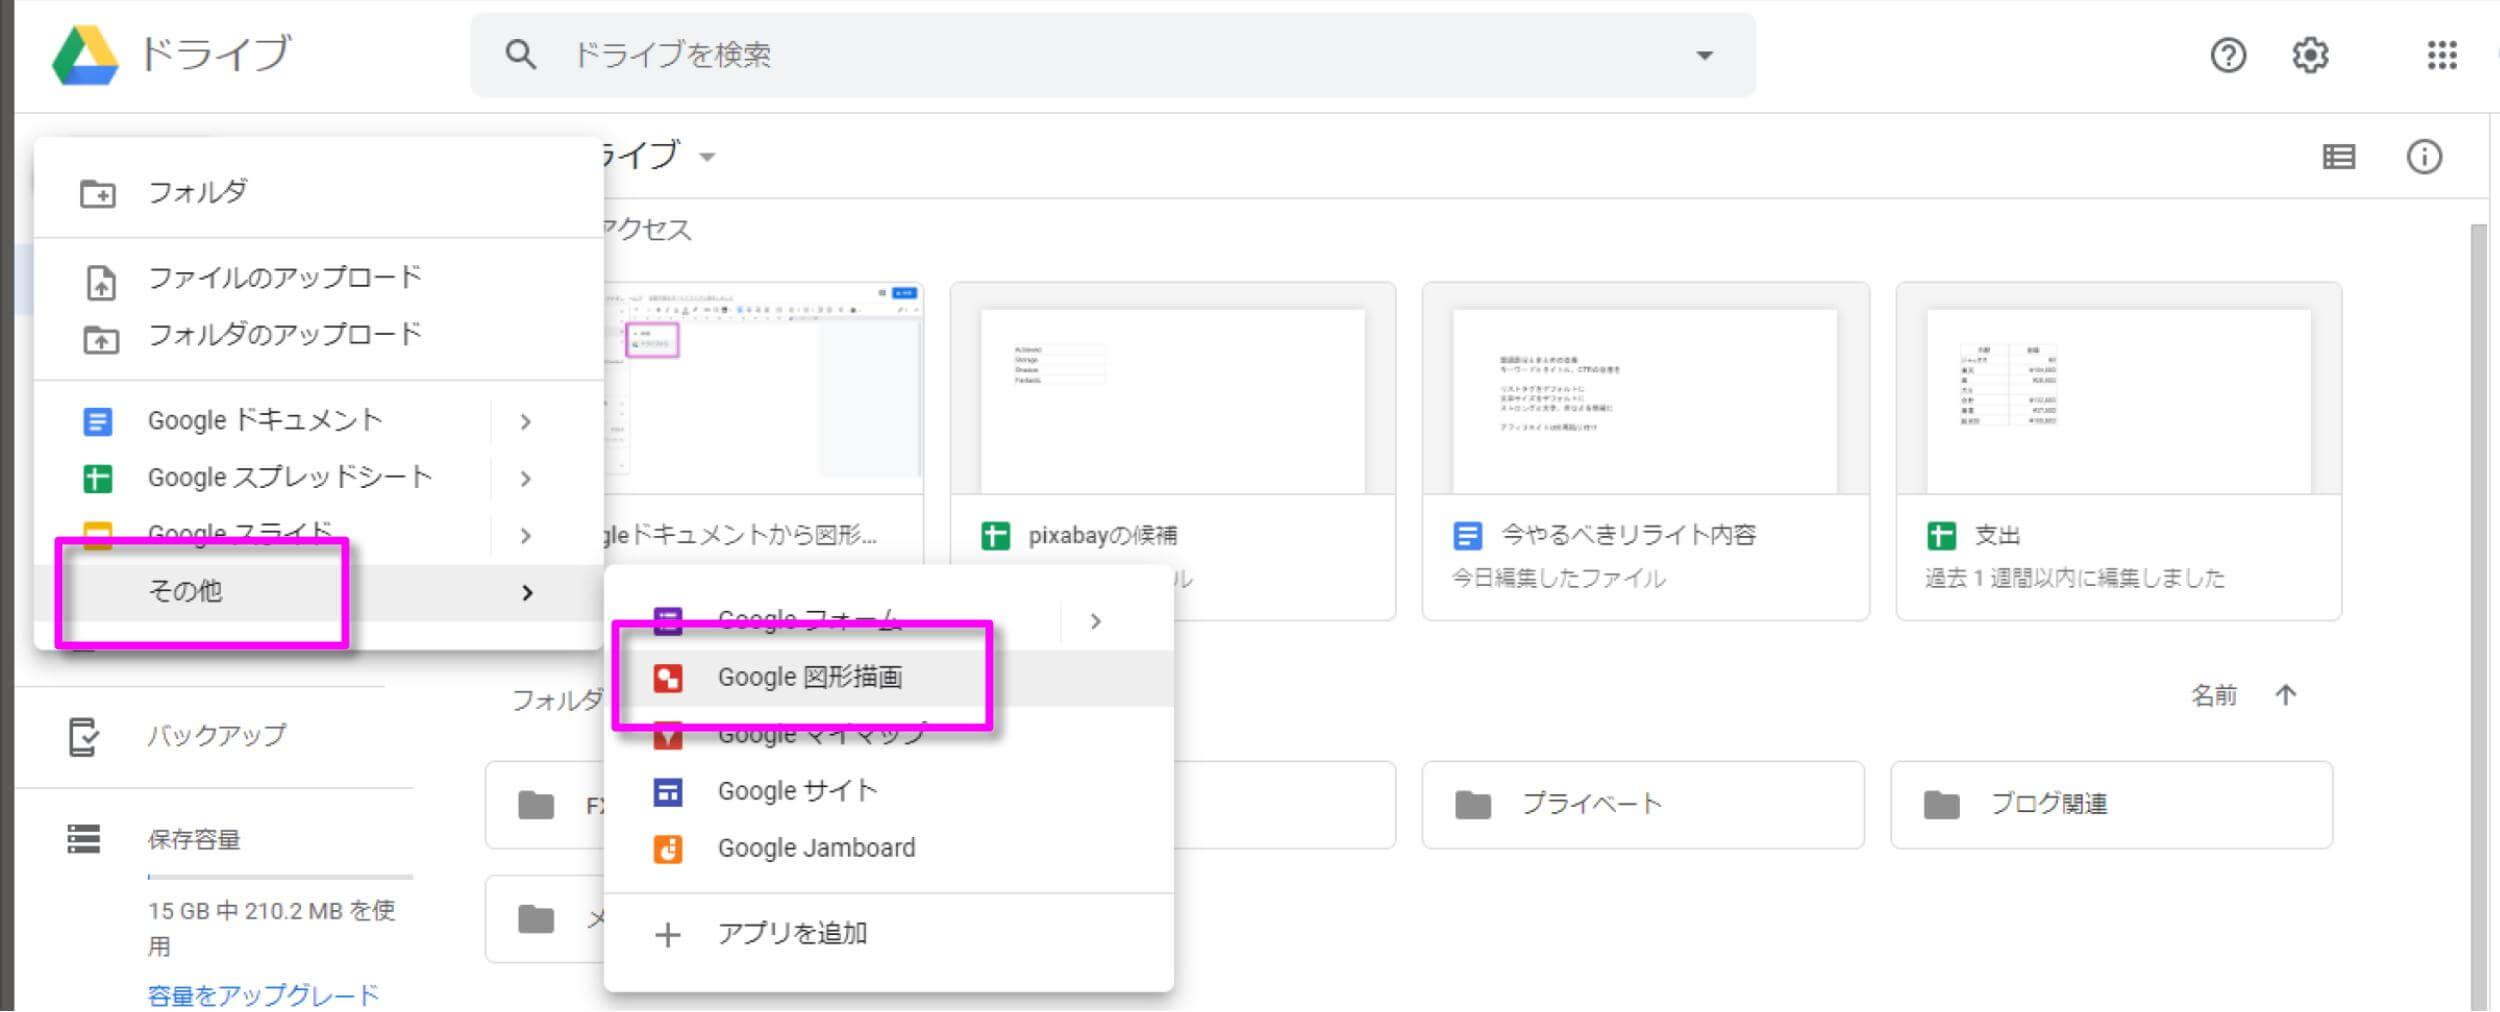 Googleドライブから図形描画へアクセスする方法